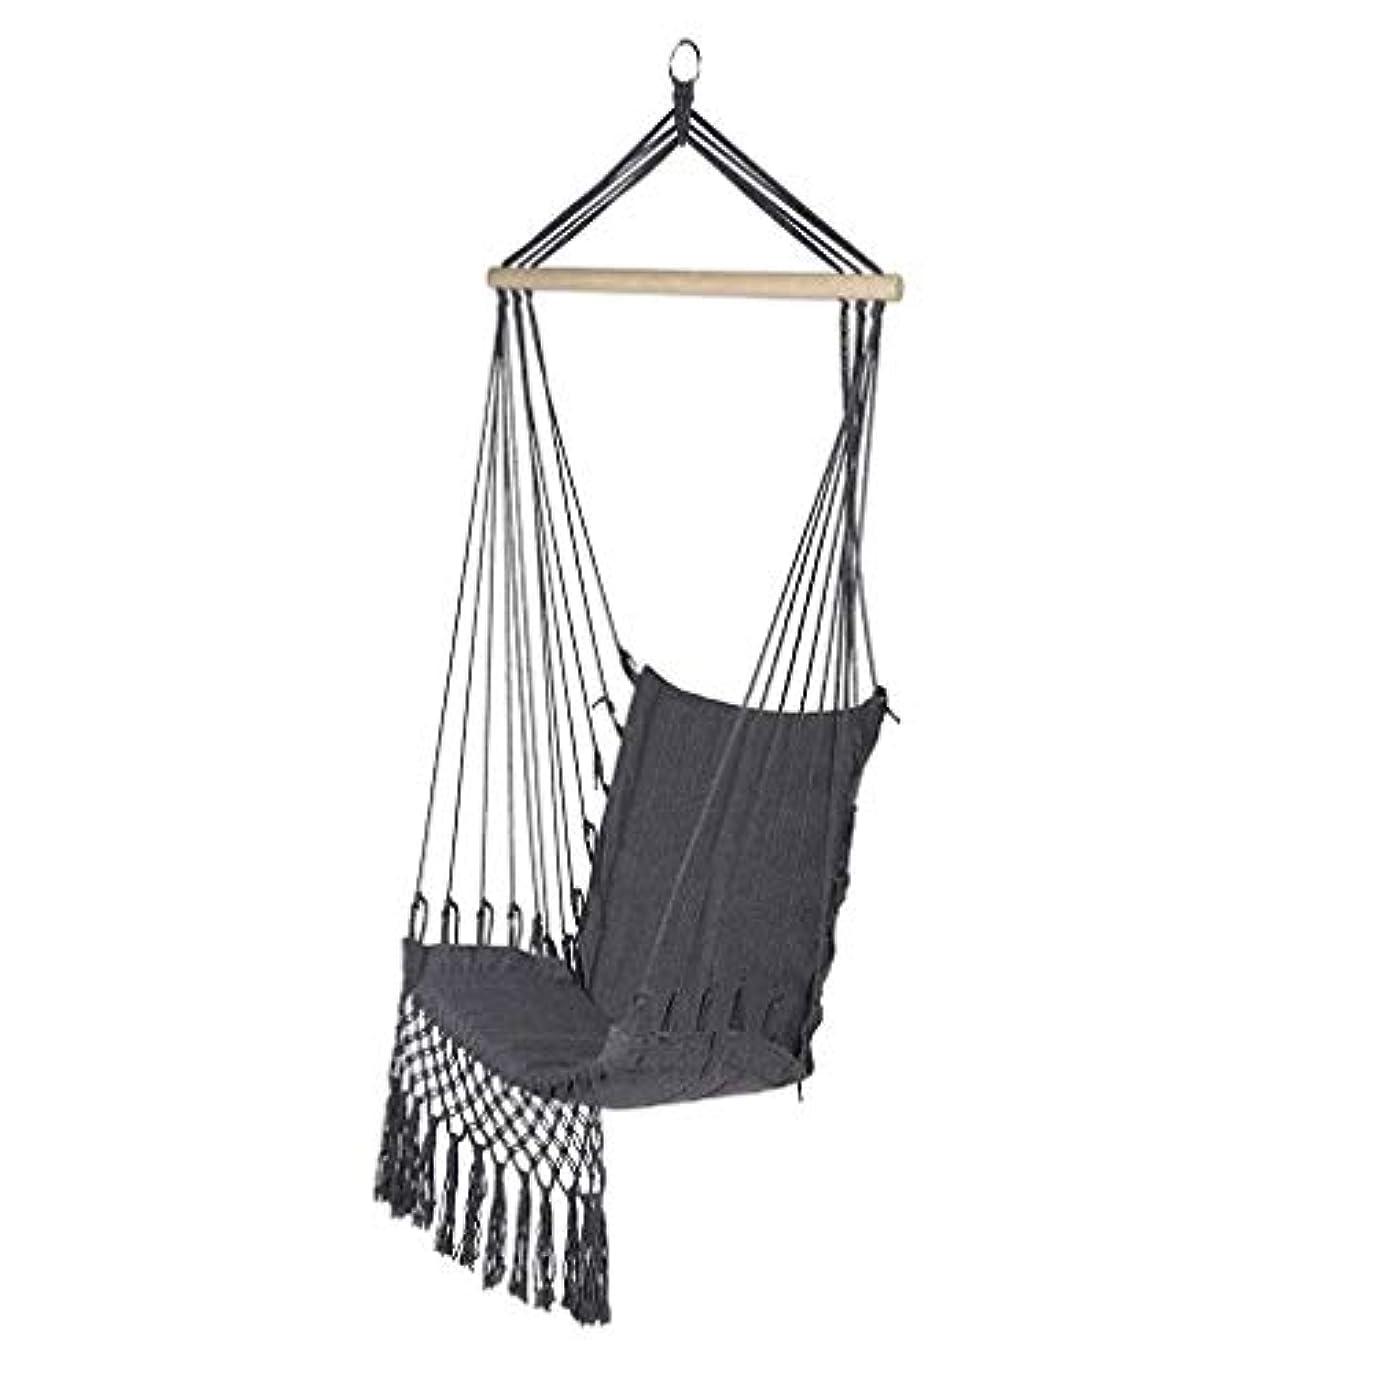 送金旅行差し迫ったMSchunou ハンモックチェア吊りロープスイング - クッションが含まれる - 優れた快適性と耐久性のための 綿織り (色 : グレイ ぐれい)